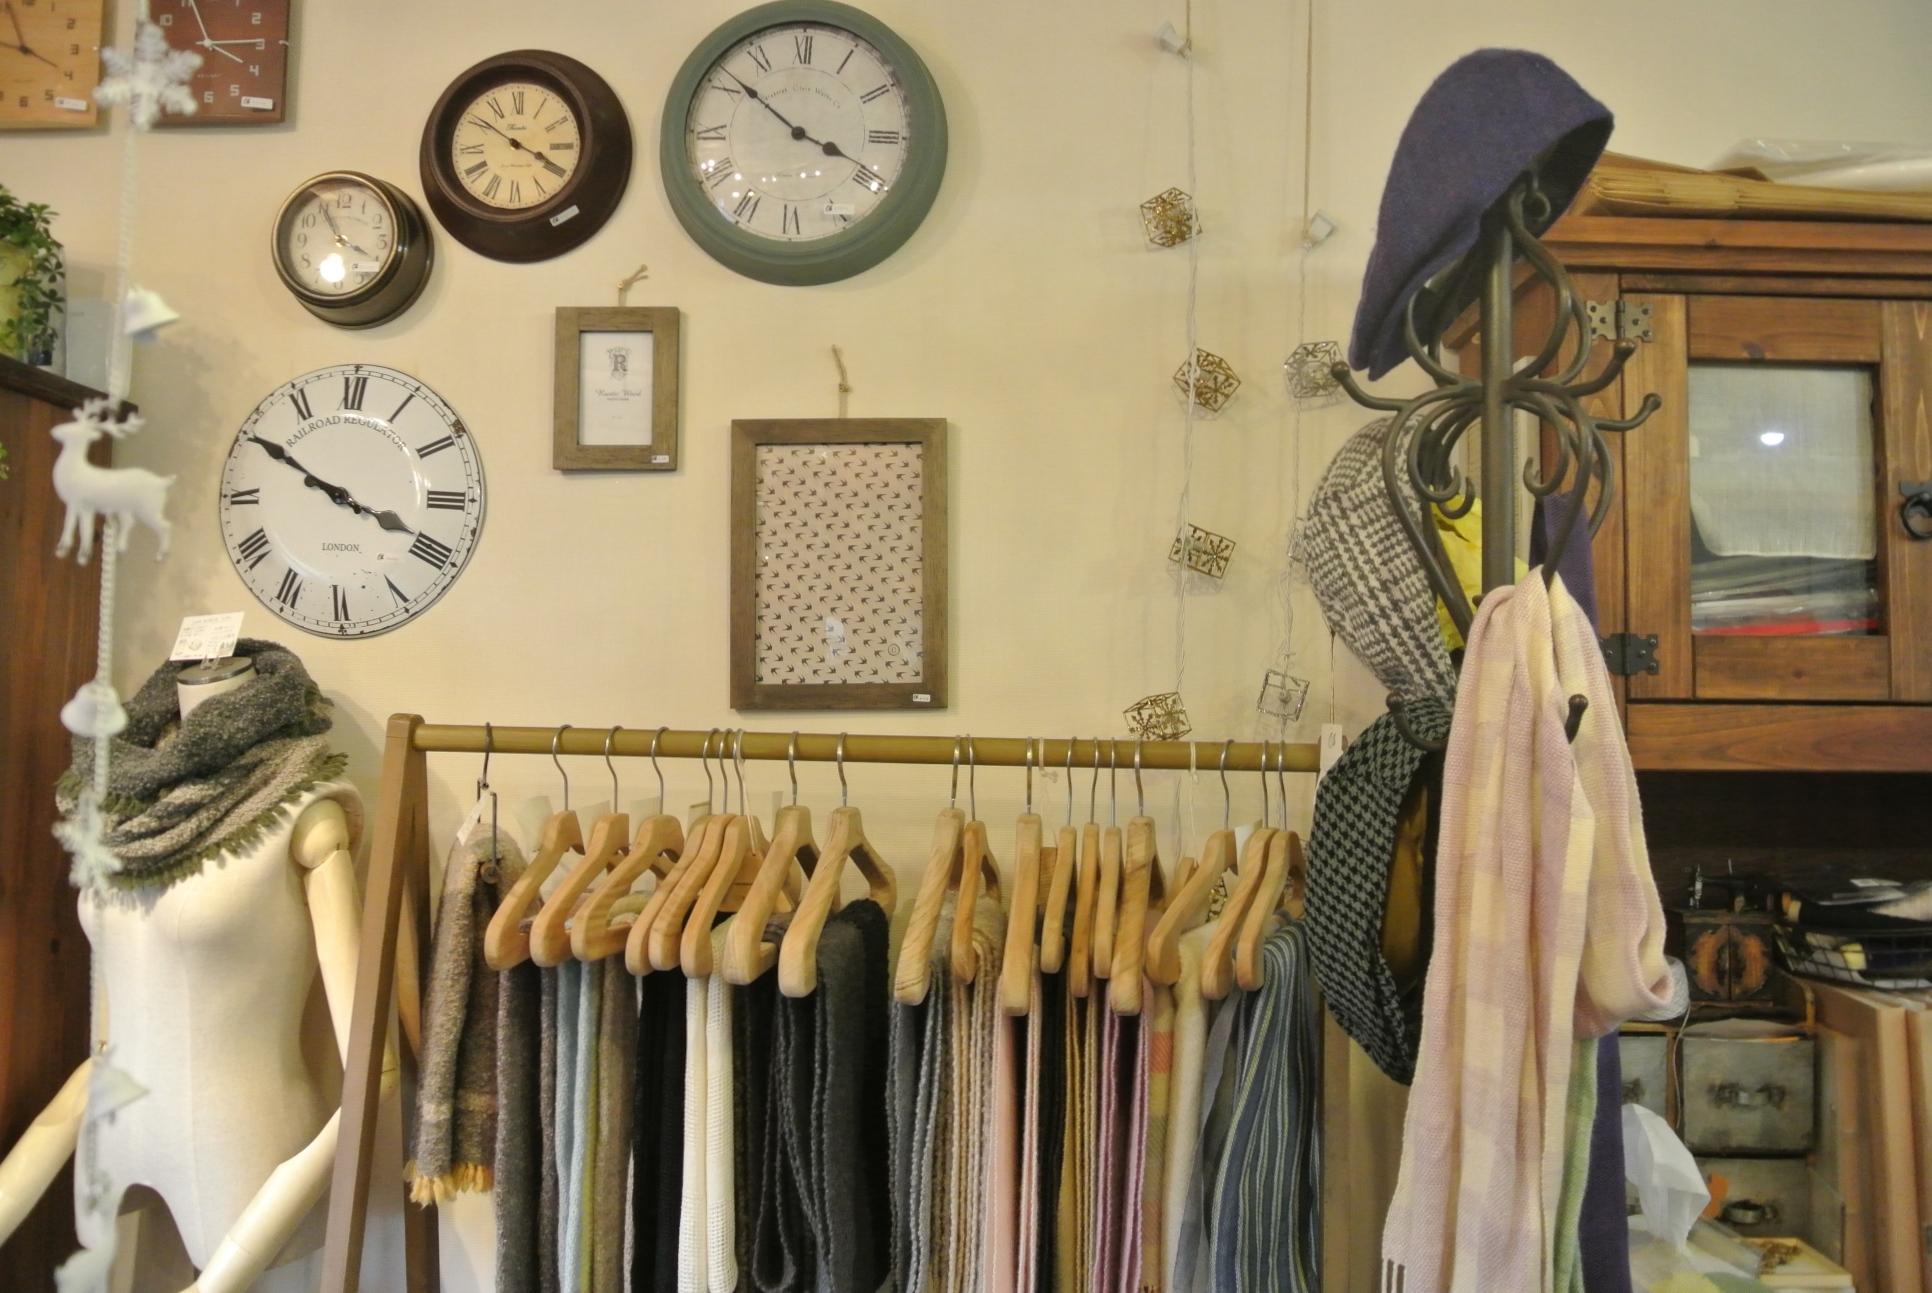 店主が織った作品がずらり。優しい雰囲気のものがたくさん。